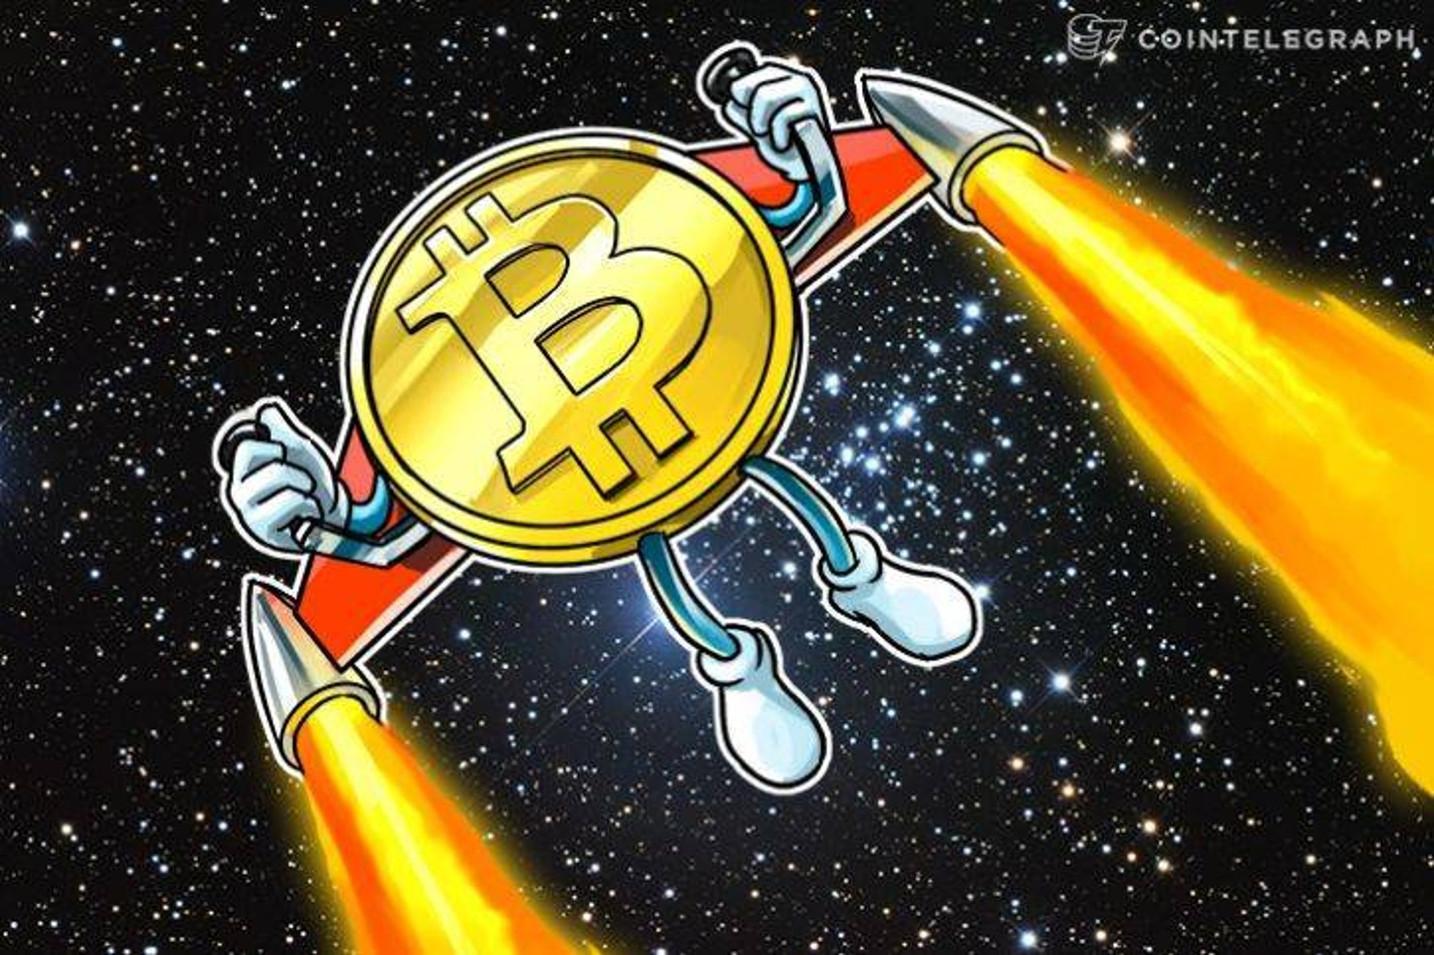 現在の仮想通貨ビットコイン相場を、著名テクニカルアナリストが強気だと思う理由とは..?【仮想通貨相場】